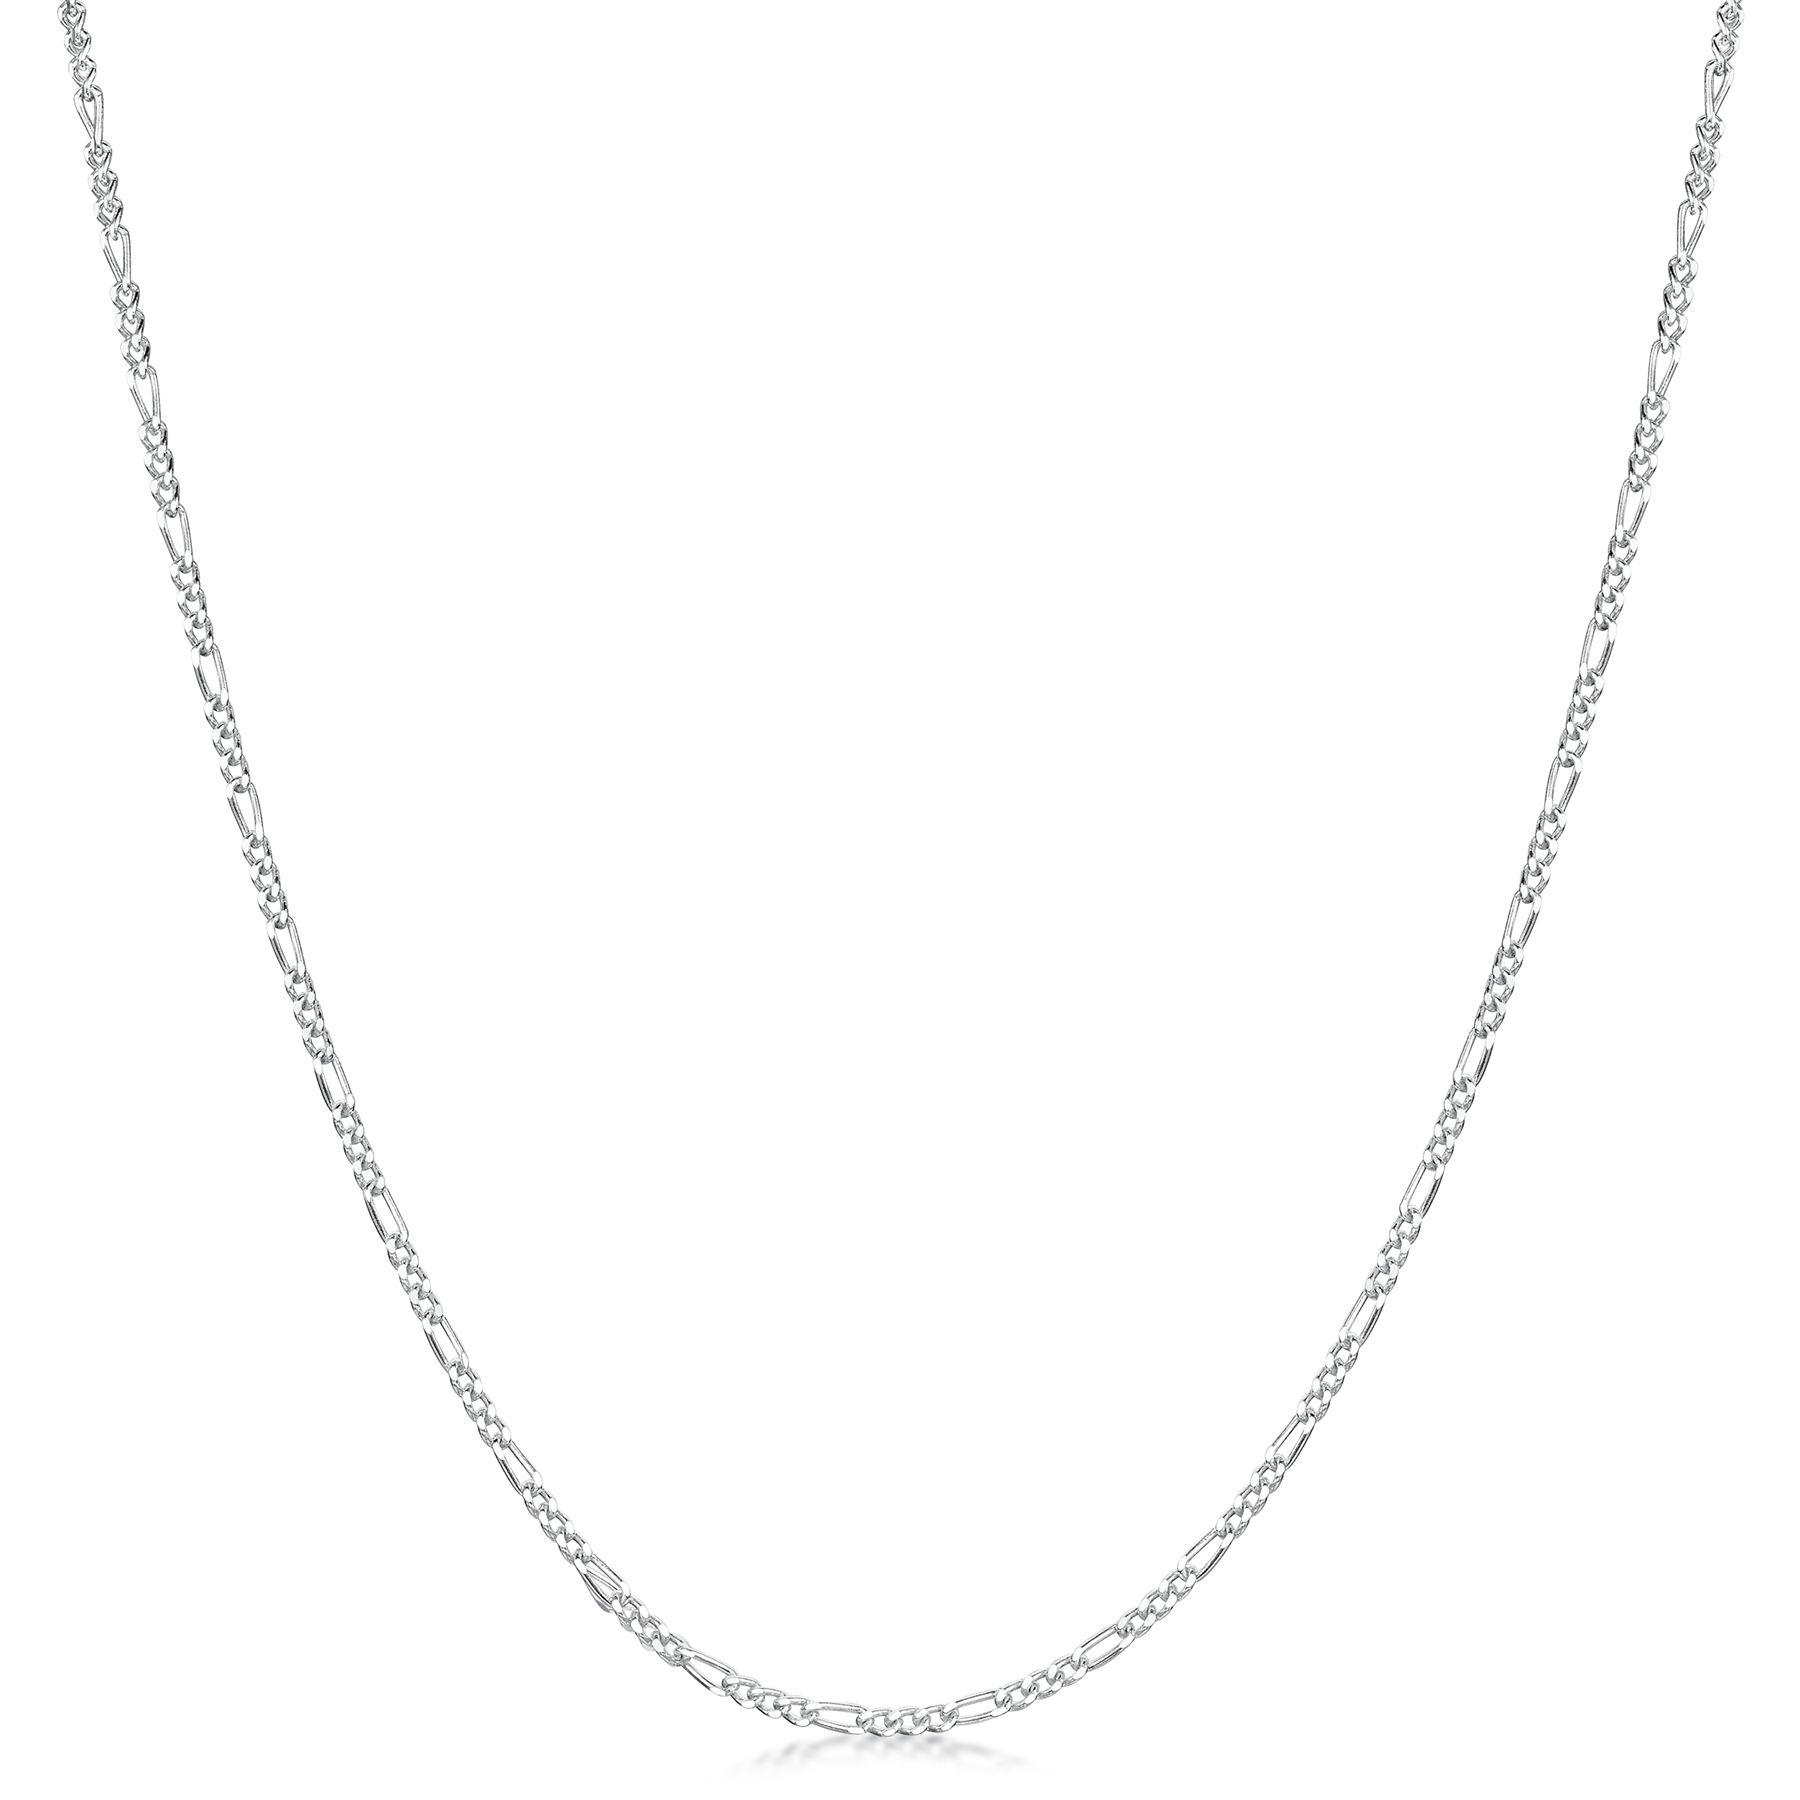 Amberta-Collar-en-Plata-De-Ley-925-Autentica-Cadena-para-Mujer-y-Hombre-Italiana miniatura 57